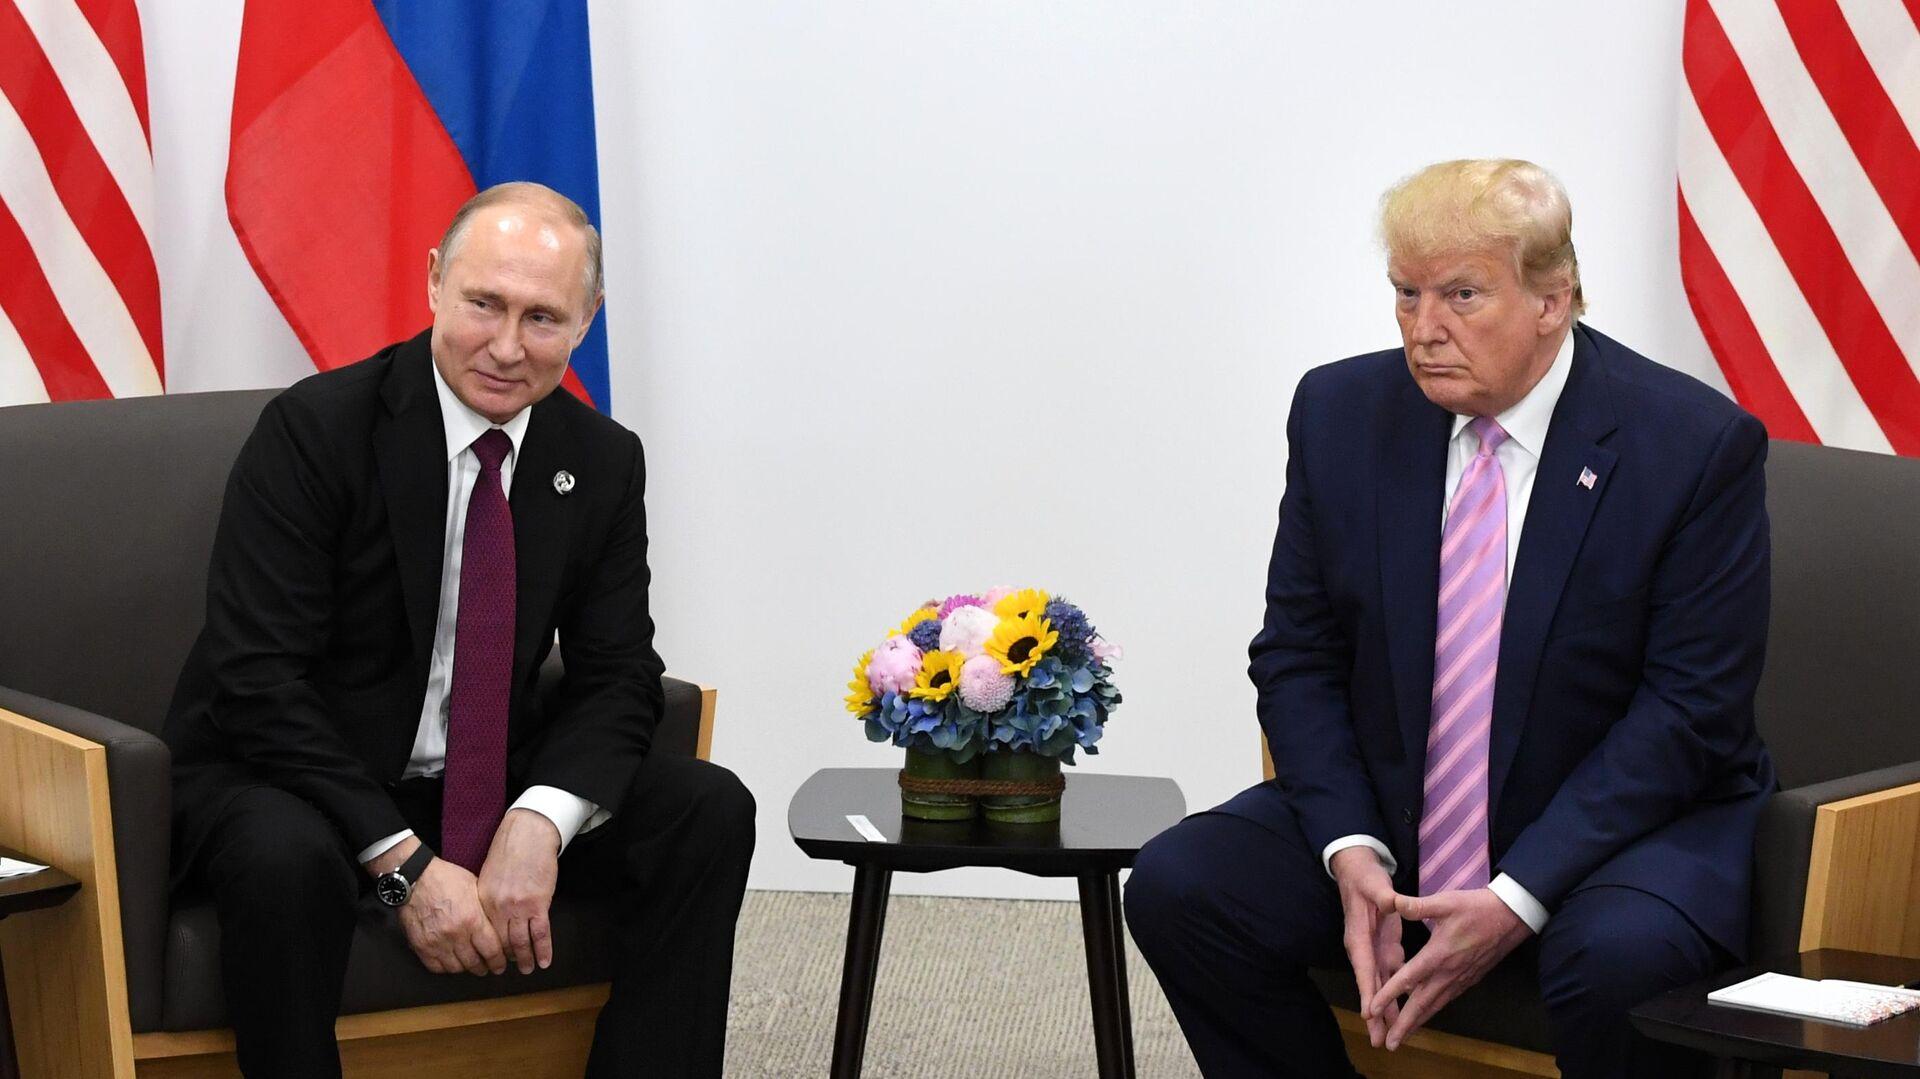 Президент РФ Владимир Путин и президент США Дональд Трамп во время встречи на полях саммита Группы двадцати в Осаке. 28 июня 2019 - РИА Новости, 1920, 15.09.2020